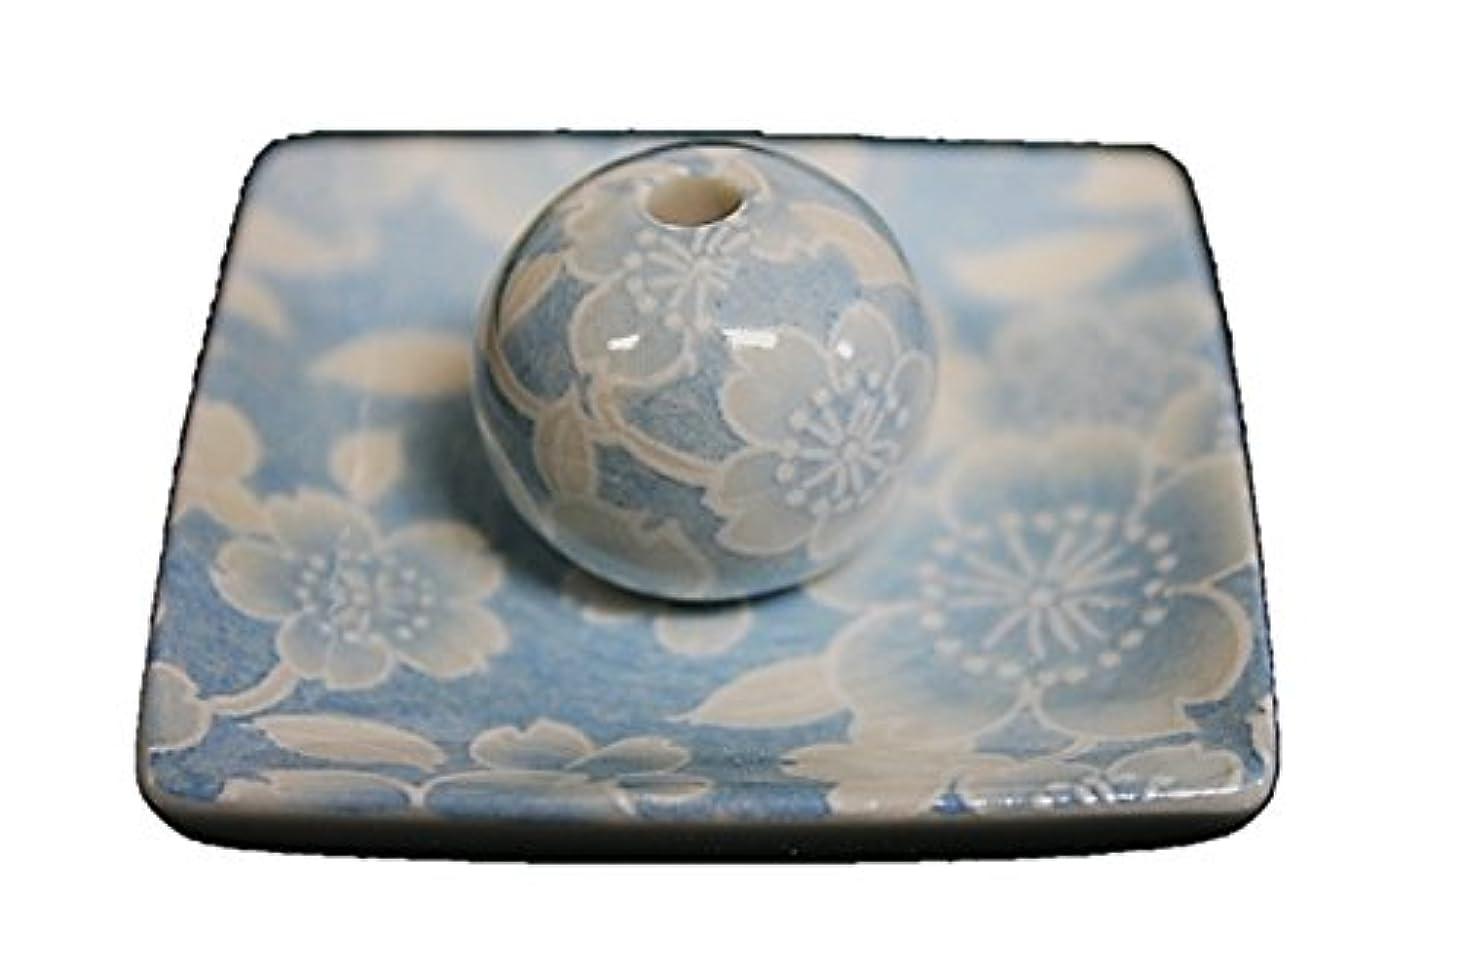 ロマンチック幻滅する粘性の桜友禅 (水色) 小角皿 お香立て 陶器 ACSWEBSHOPオリジナル